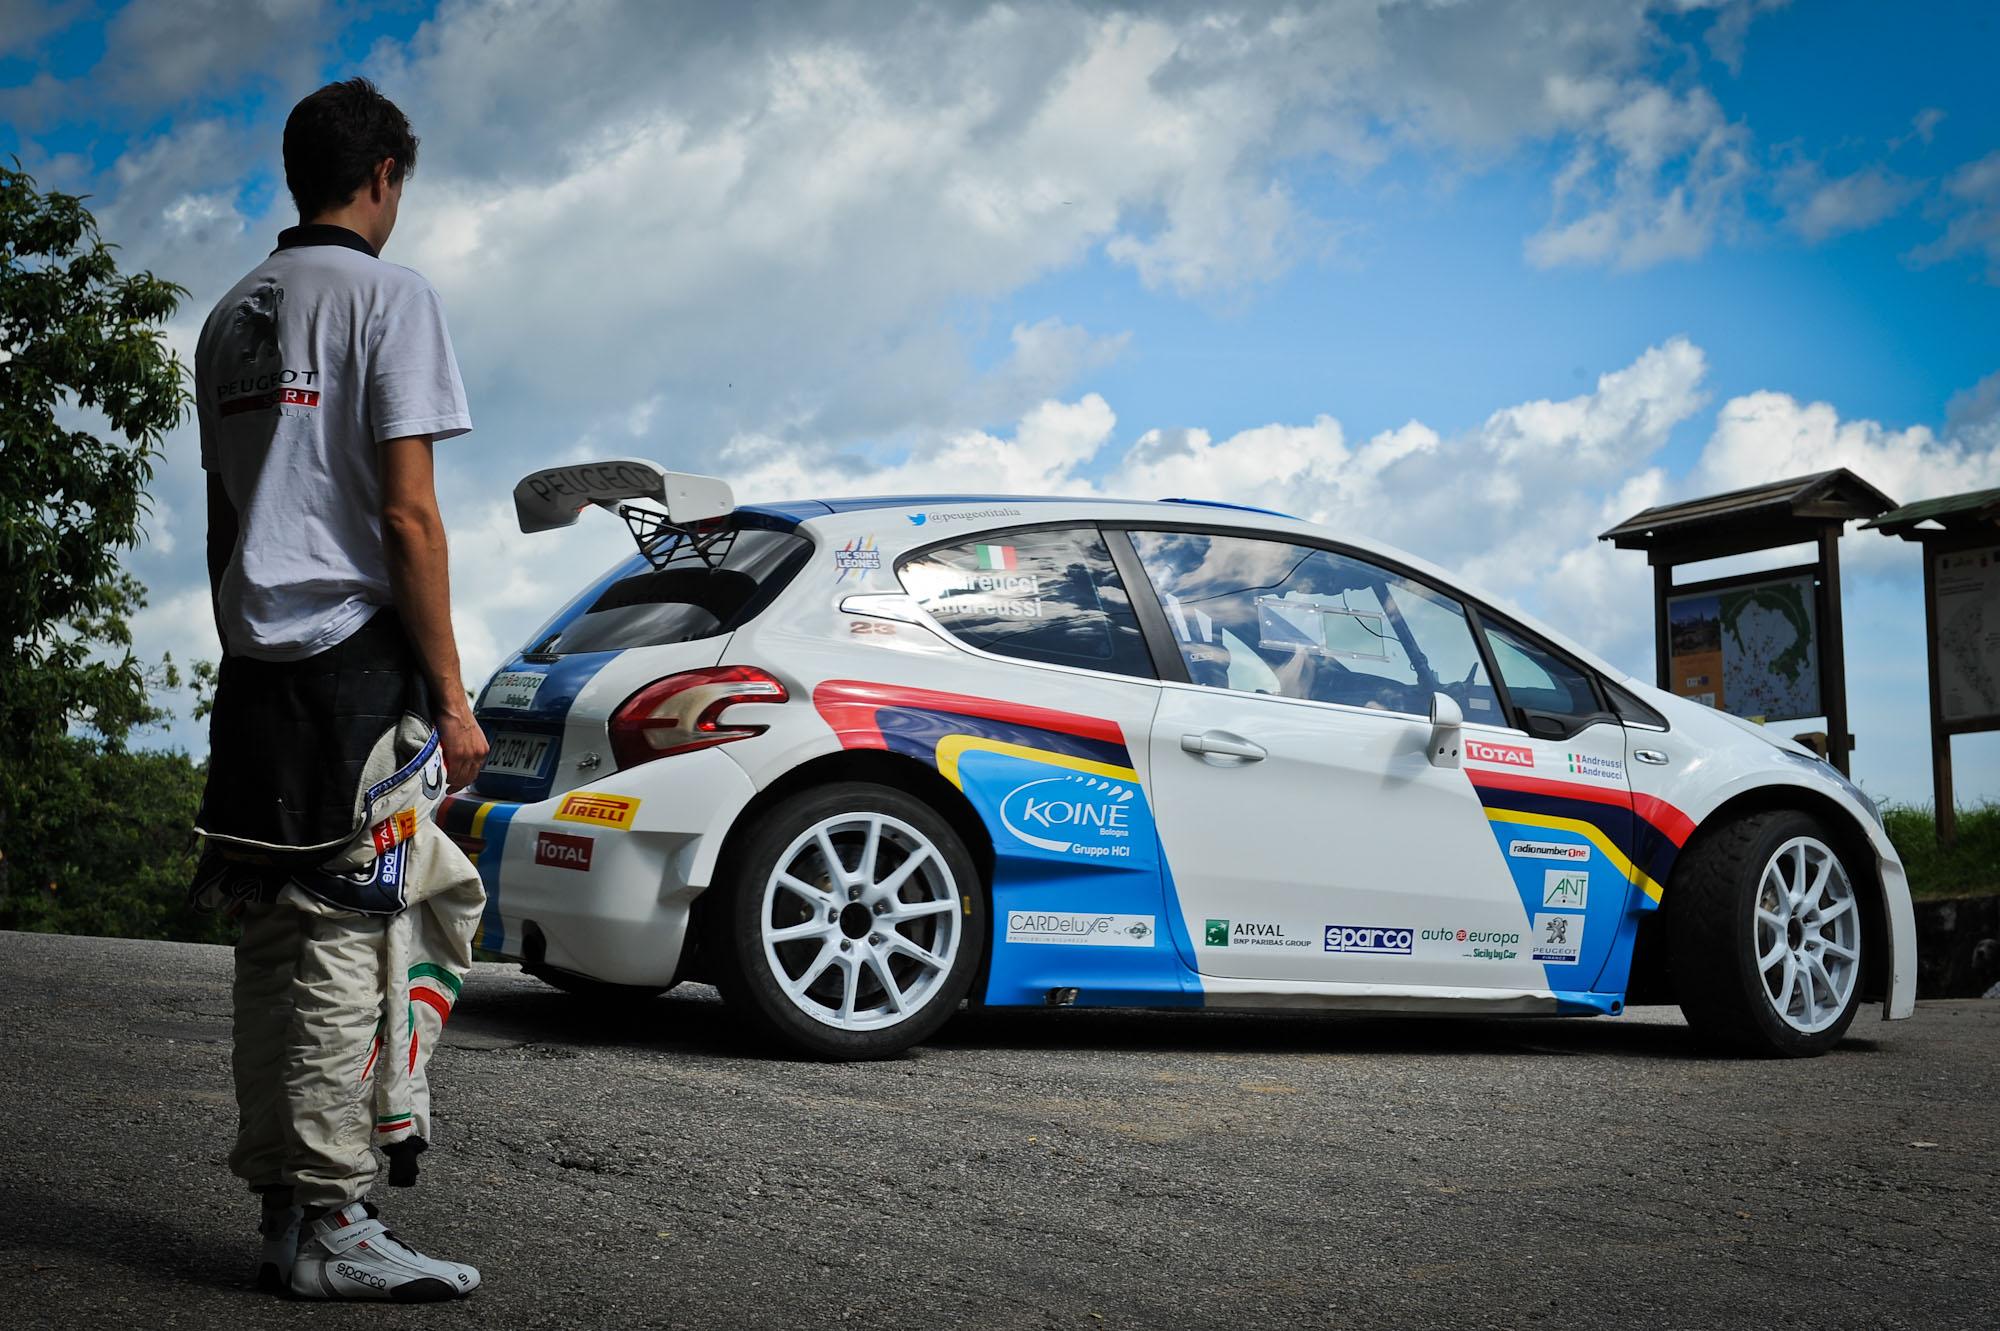 Peugeot: test per Albertini sulla 208 T16 ufficiale